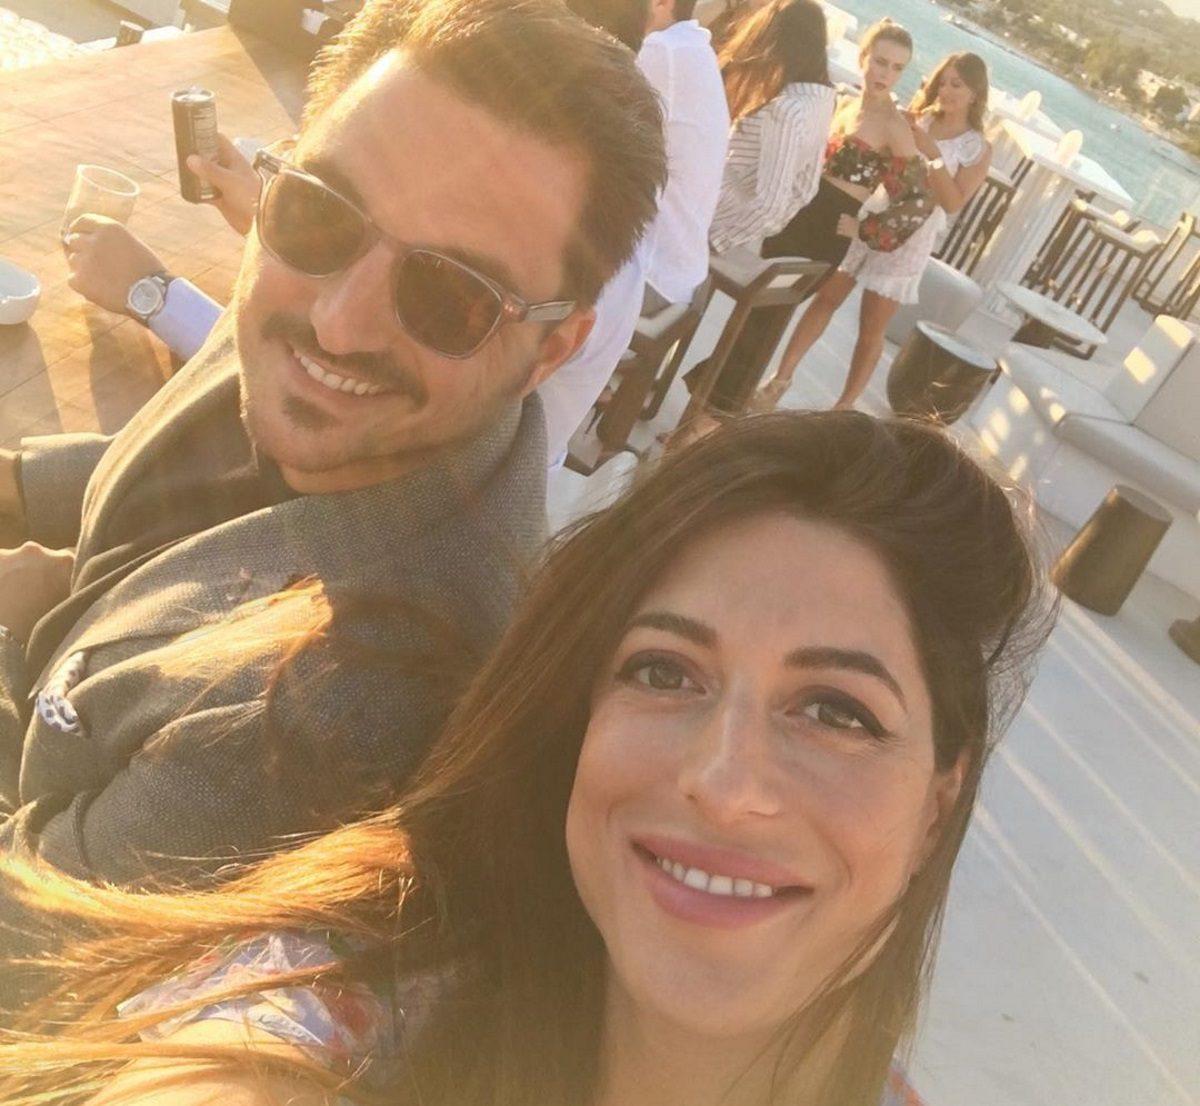 Φλορίντα Πετρουτσέλι: Αναπολεί τις ξέγνοιαστες καλοκαιρινές στιγμές με τον σύζυγό της! [pic]   tlife.gr